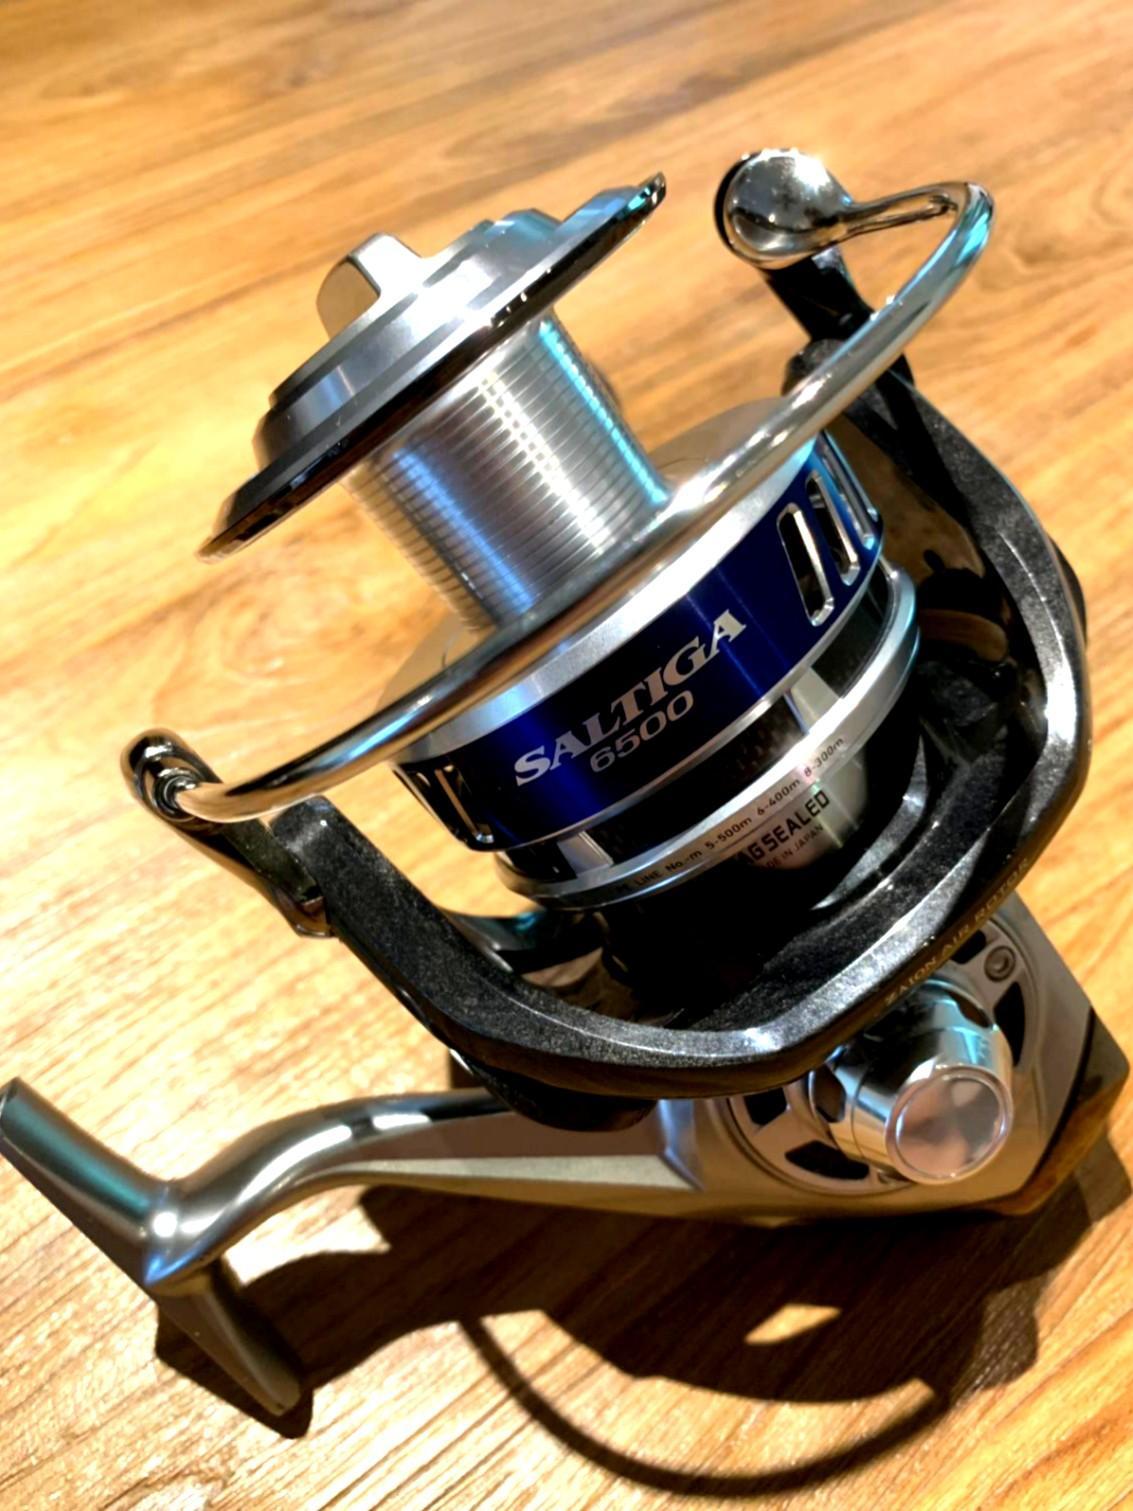 Saltiga 6500 (2010)